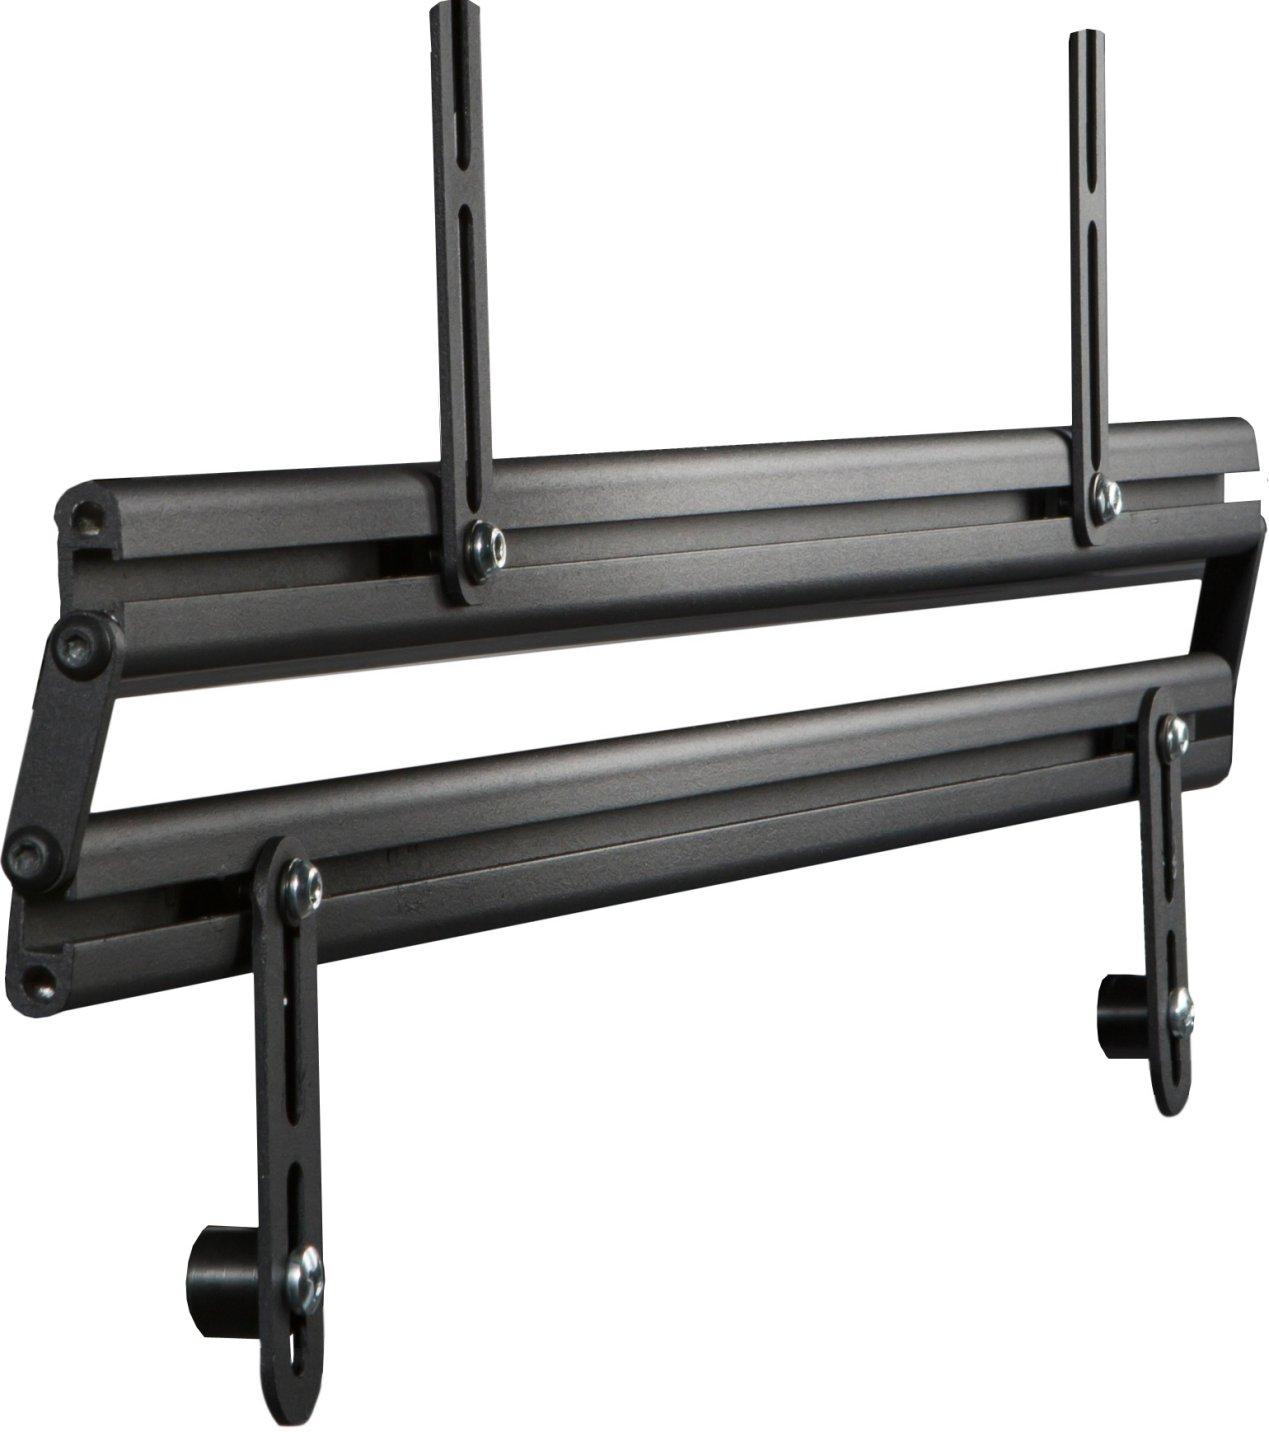 sehr stabile wandhalterung f r soundbar und flachbildfernseher bis 70 zoll. Black Bedroom Furniture Sets. Home Design Ideas